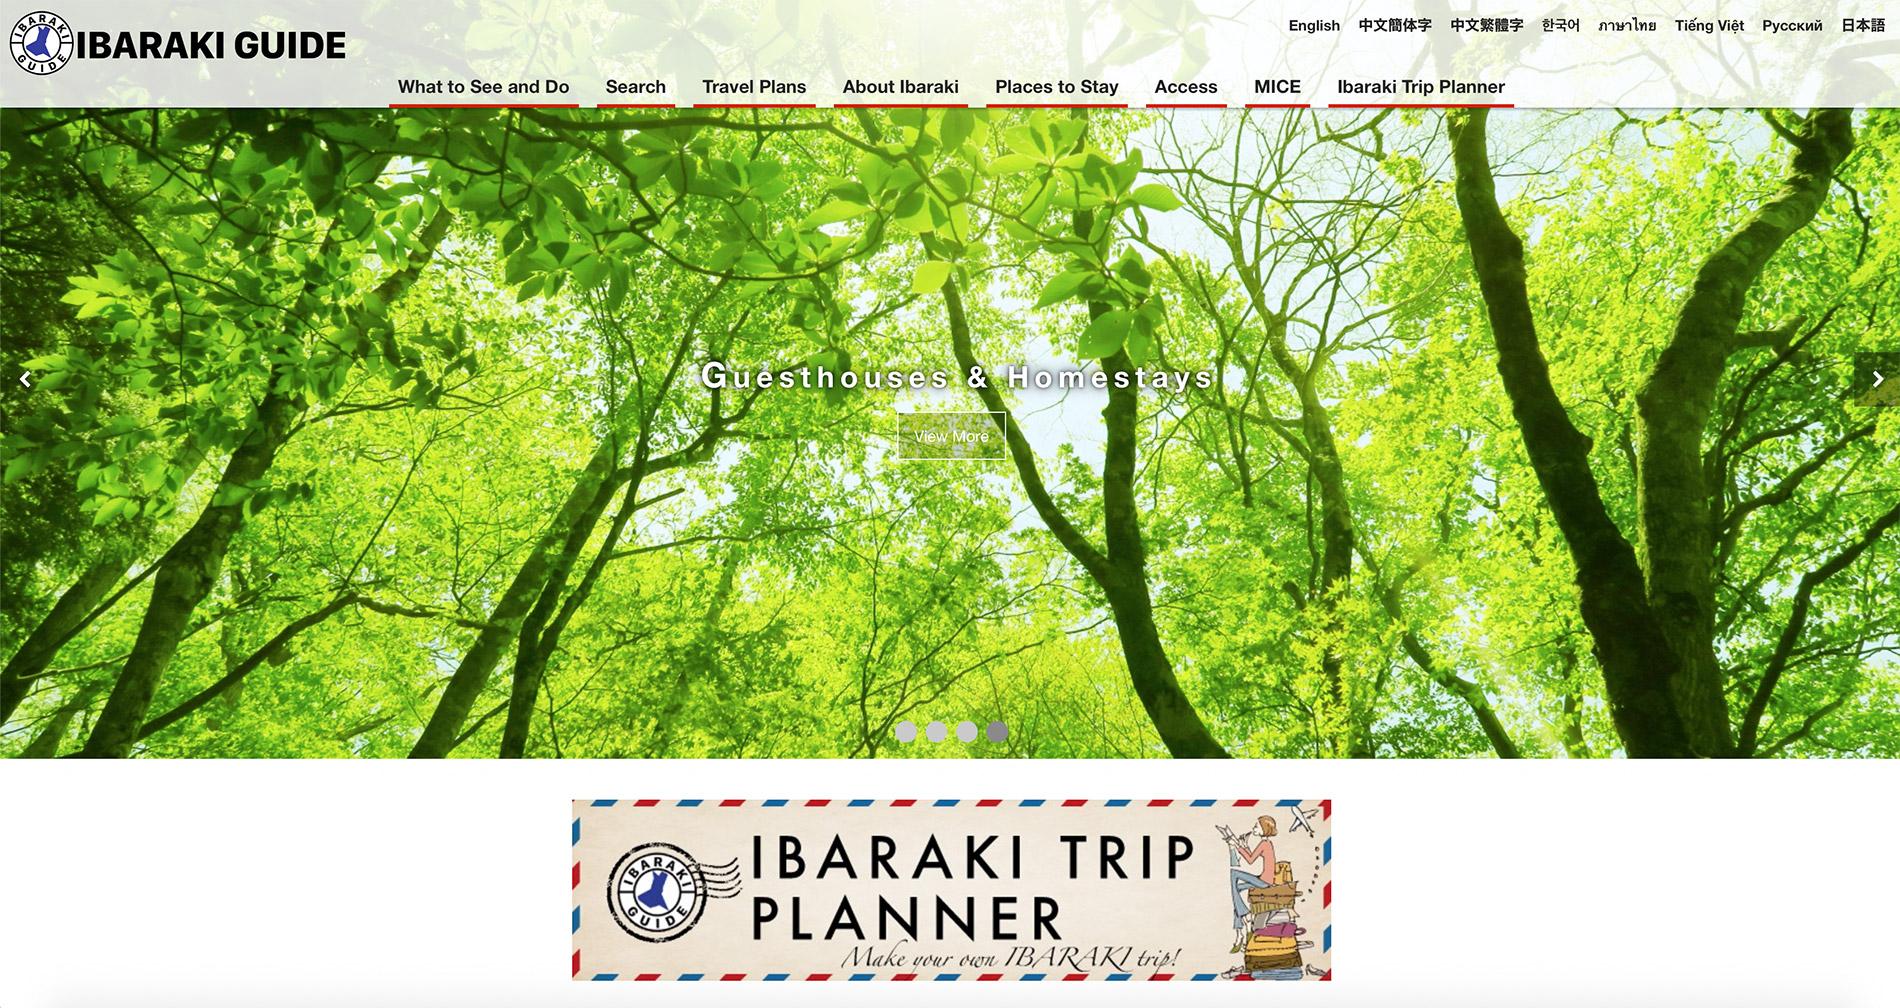 Die englische Webseite des Tourismusverbandes der Präfektur Ibaraki.